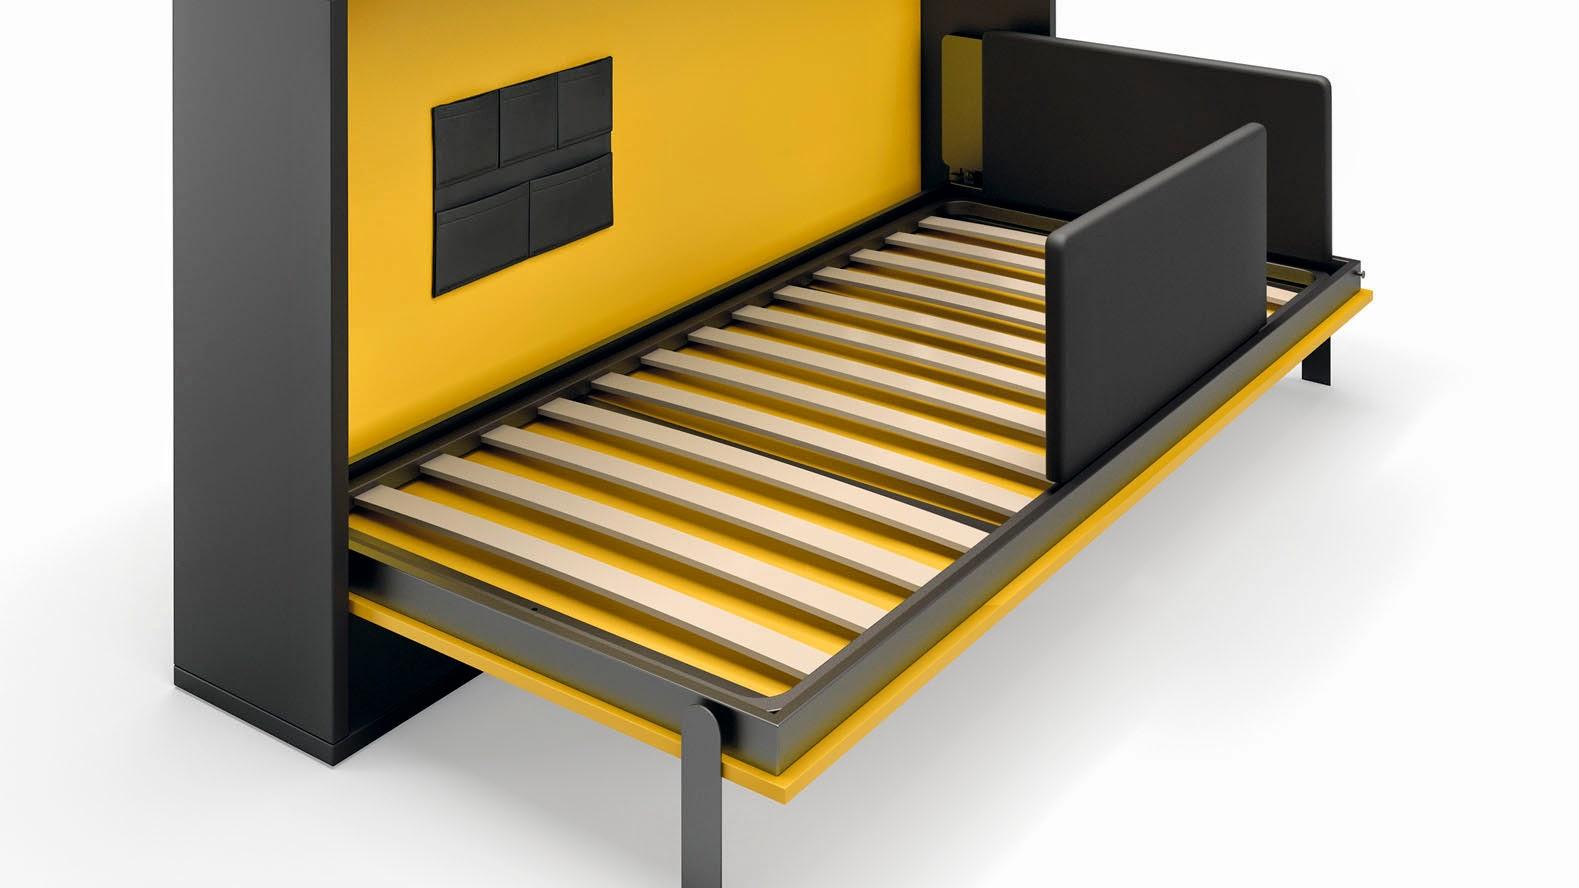 Cama abatible vertical disponible para medida de cama de - Camas abatibles madrid ...